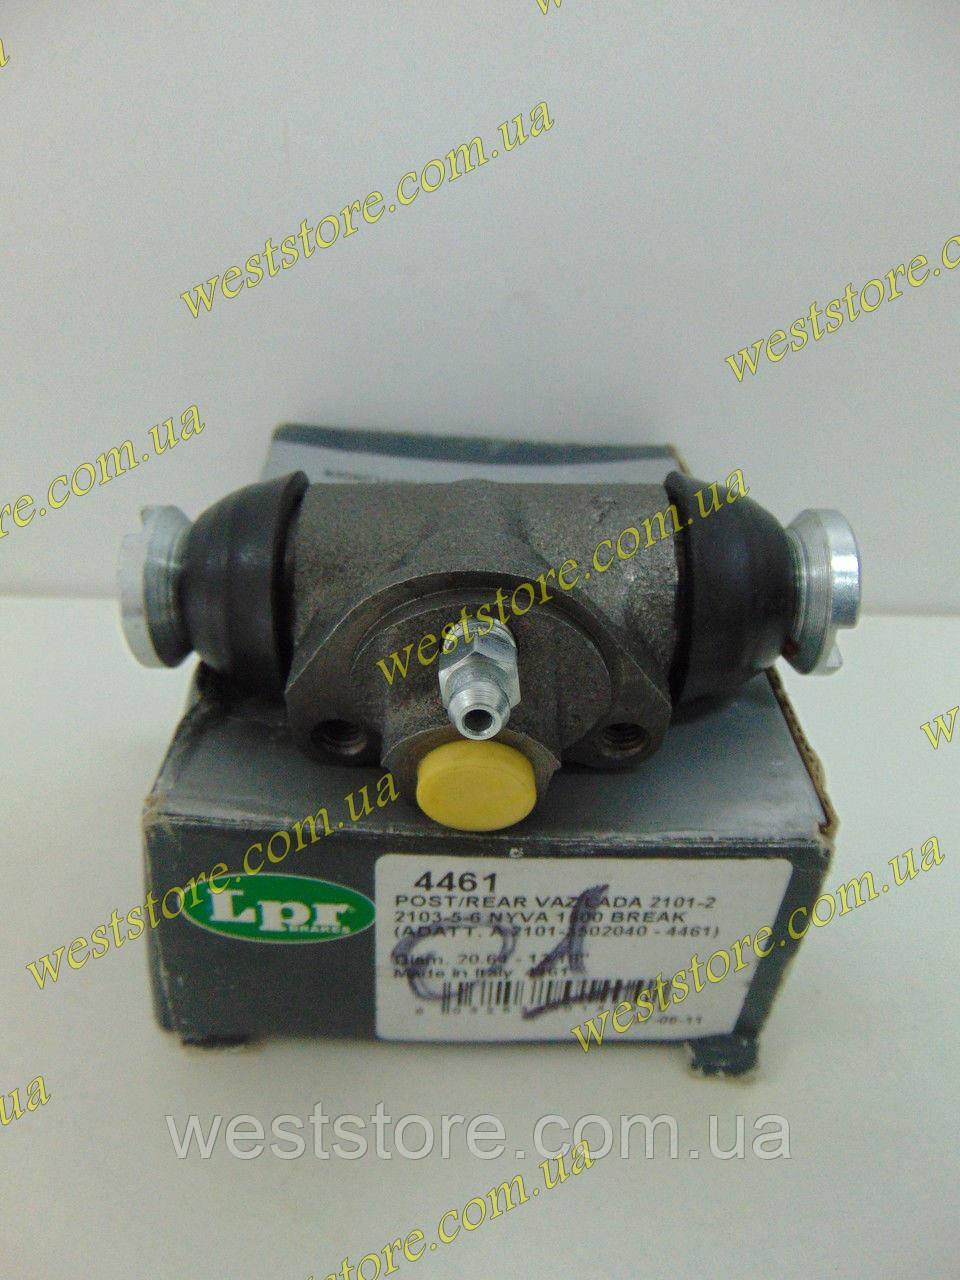 Цилиндр тормозной задний рабочий ЗТЦ Ваз 2101 2102 2103 2104 2105 2106 2107 LPR 4461 Италия